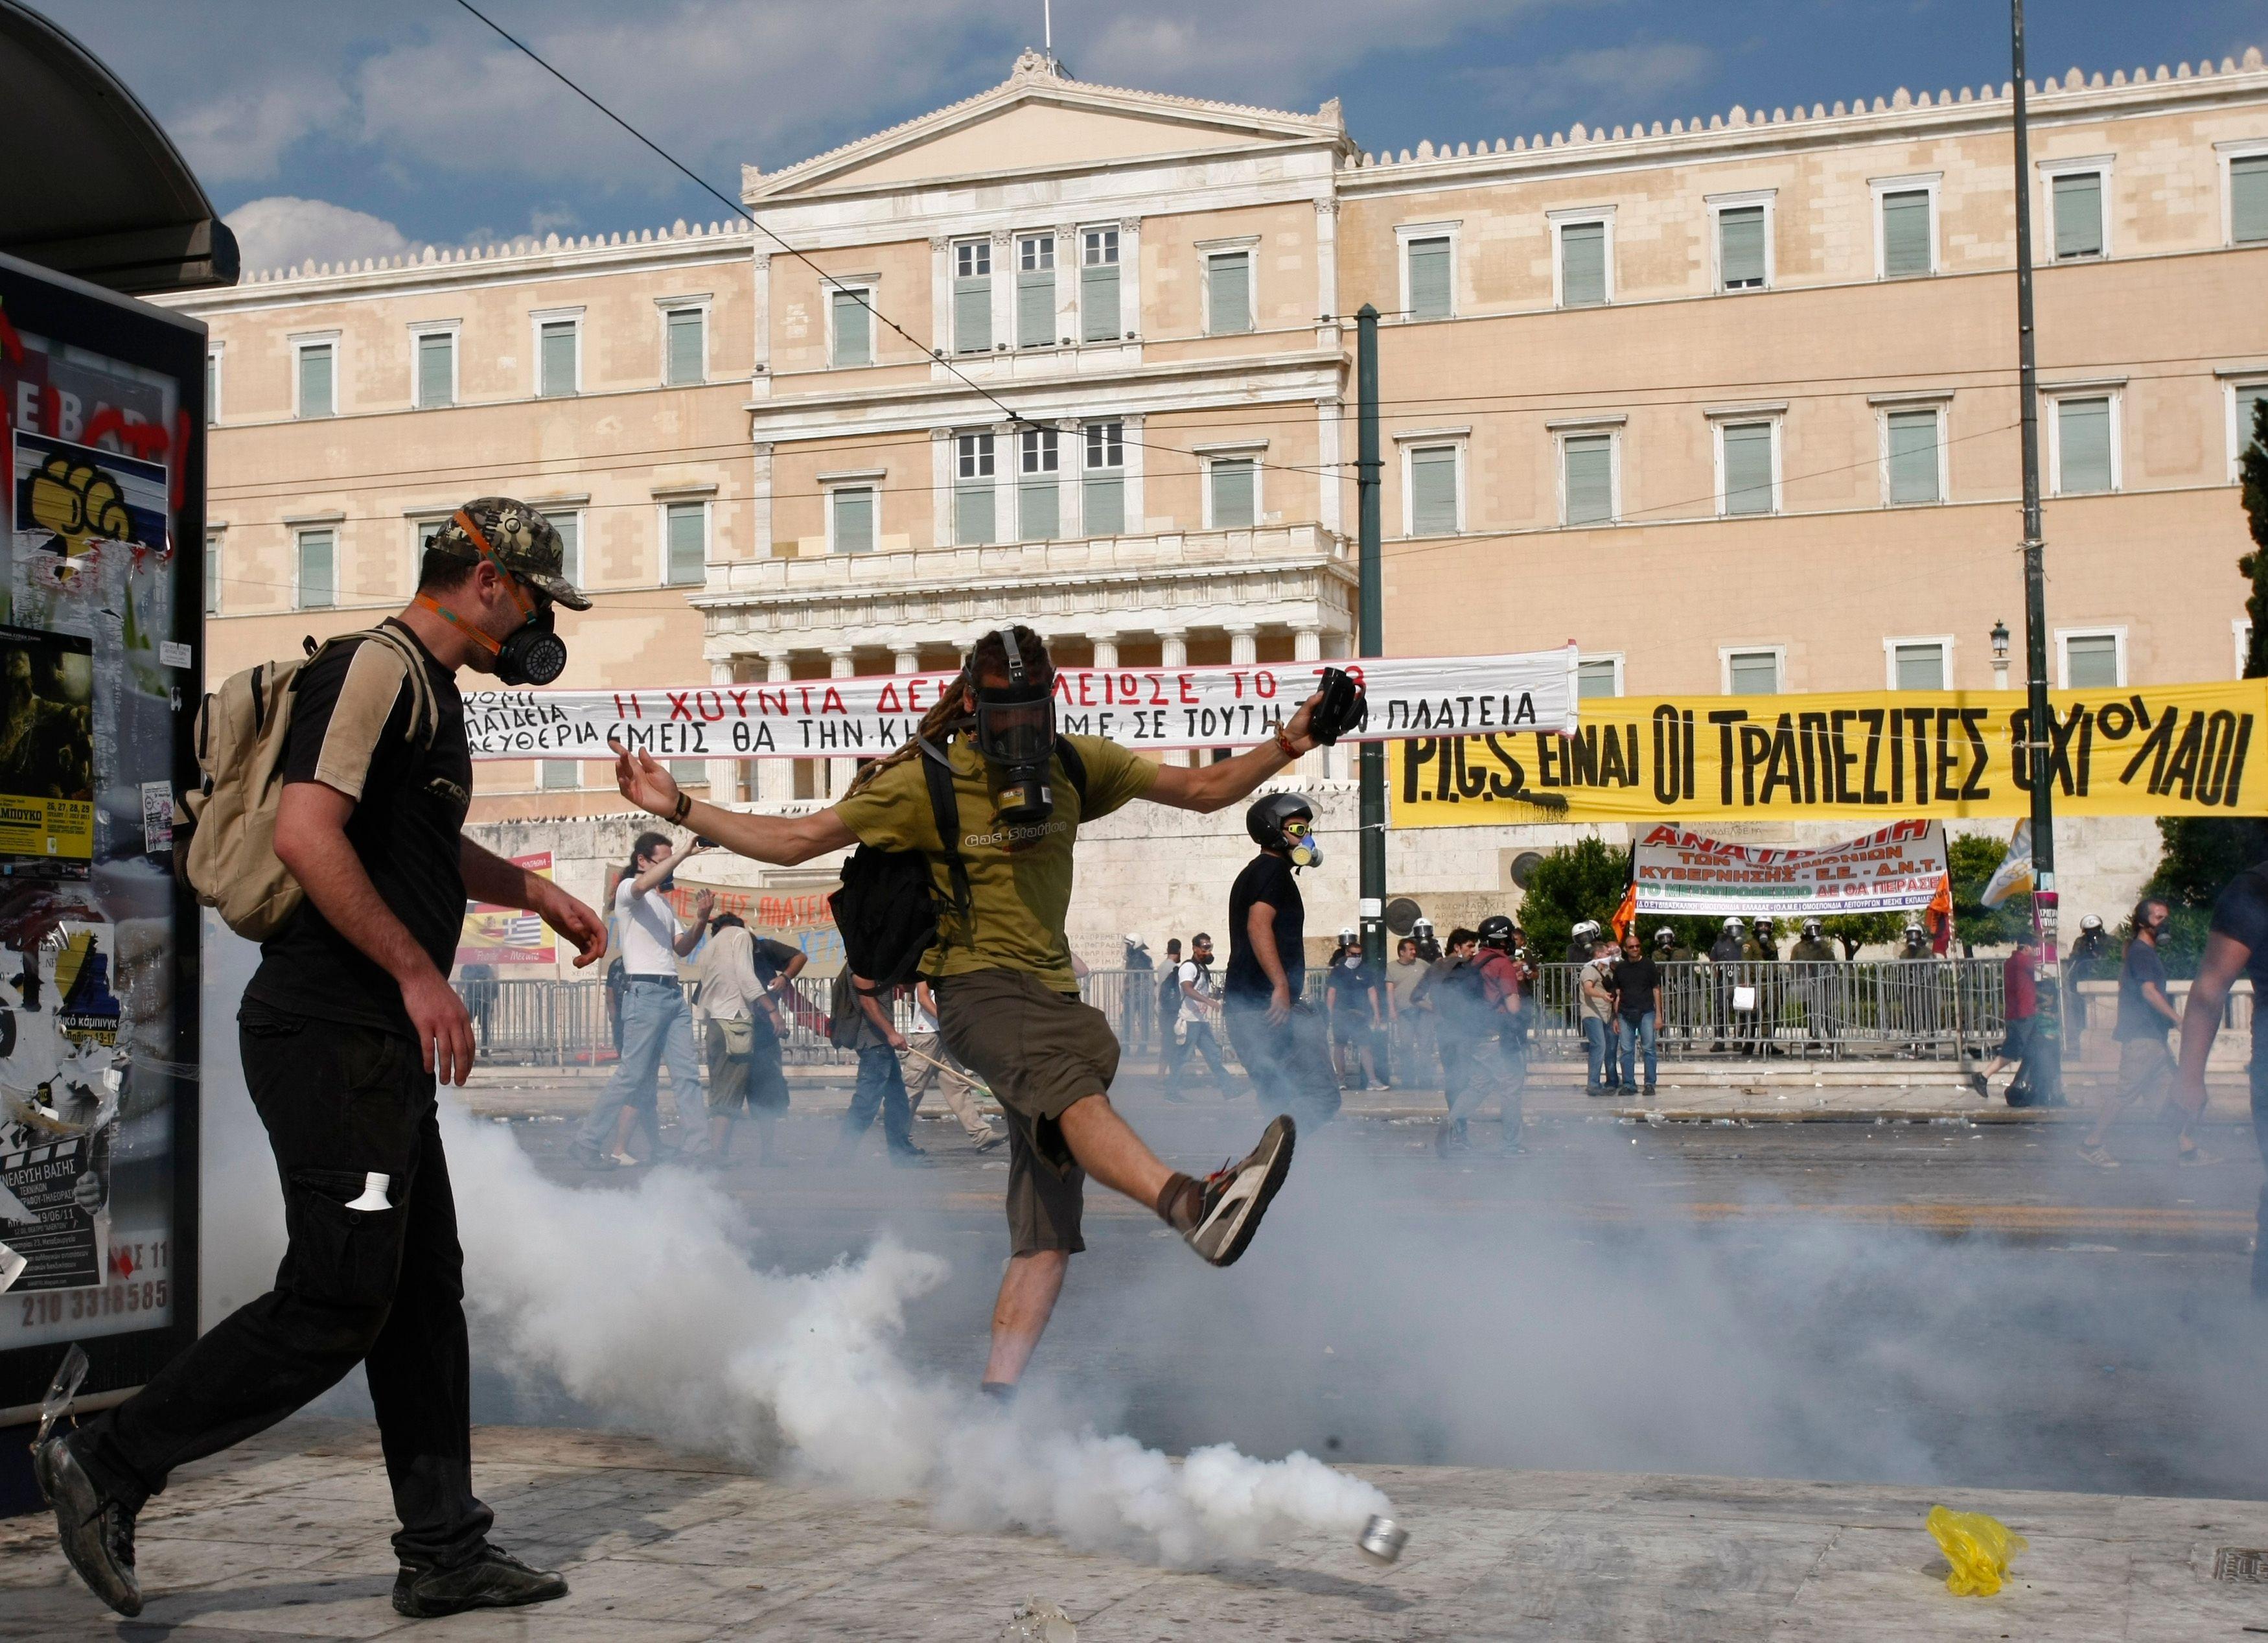 """A Athênes, """"l'ambiance est globalement assez calme, mais il y a eu quelques violences autour du Parlement, probablement le fait de groupes anarchistes ou d'extrême-droite tentant de profiter de la situation""""."""